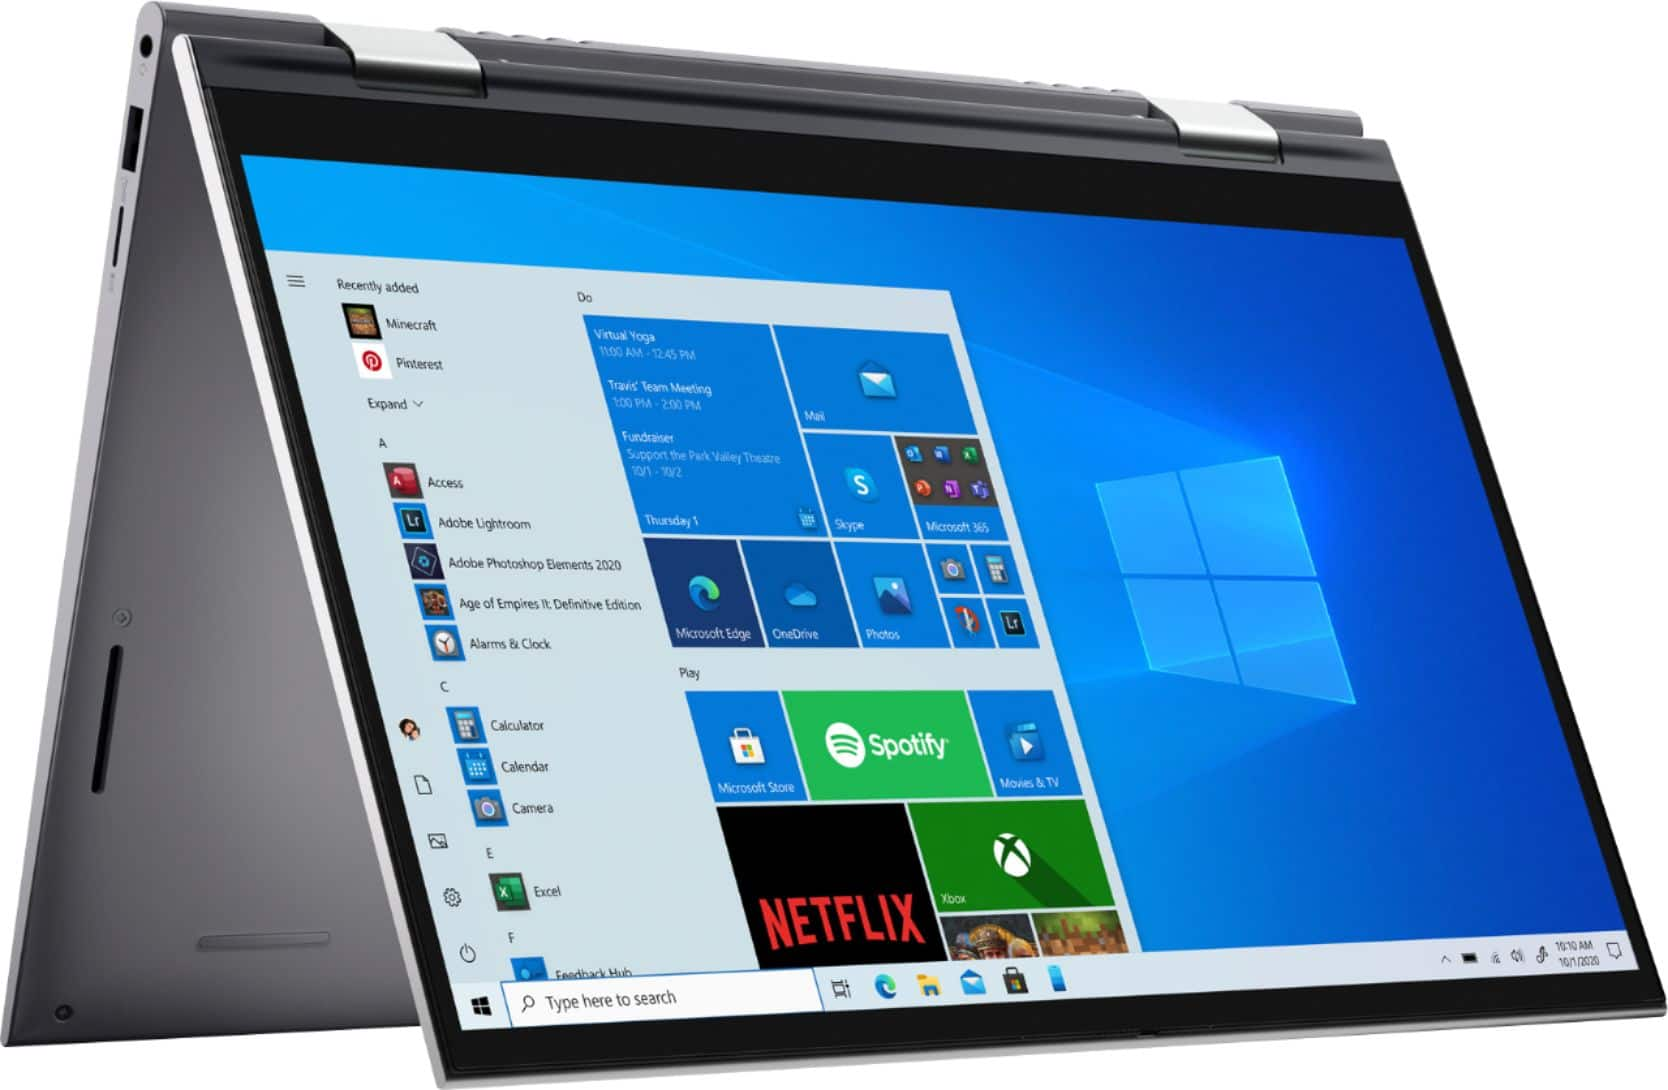 """Dell - Inspiron 5000 2-in-1 14.0"""" Touch-Screen Laptop - Intel Core i5 - 8GB RAM - 512GB SSD Backlight Keyboard - $679.99 BestBuy"""